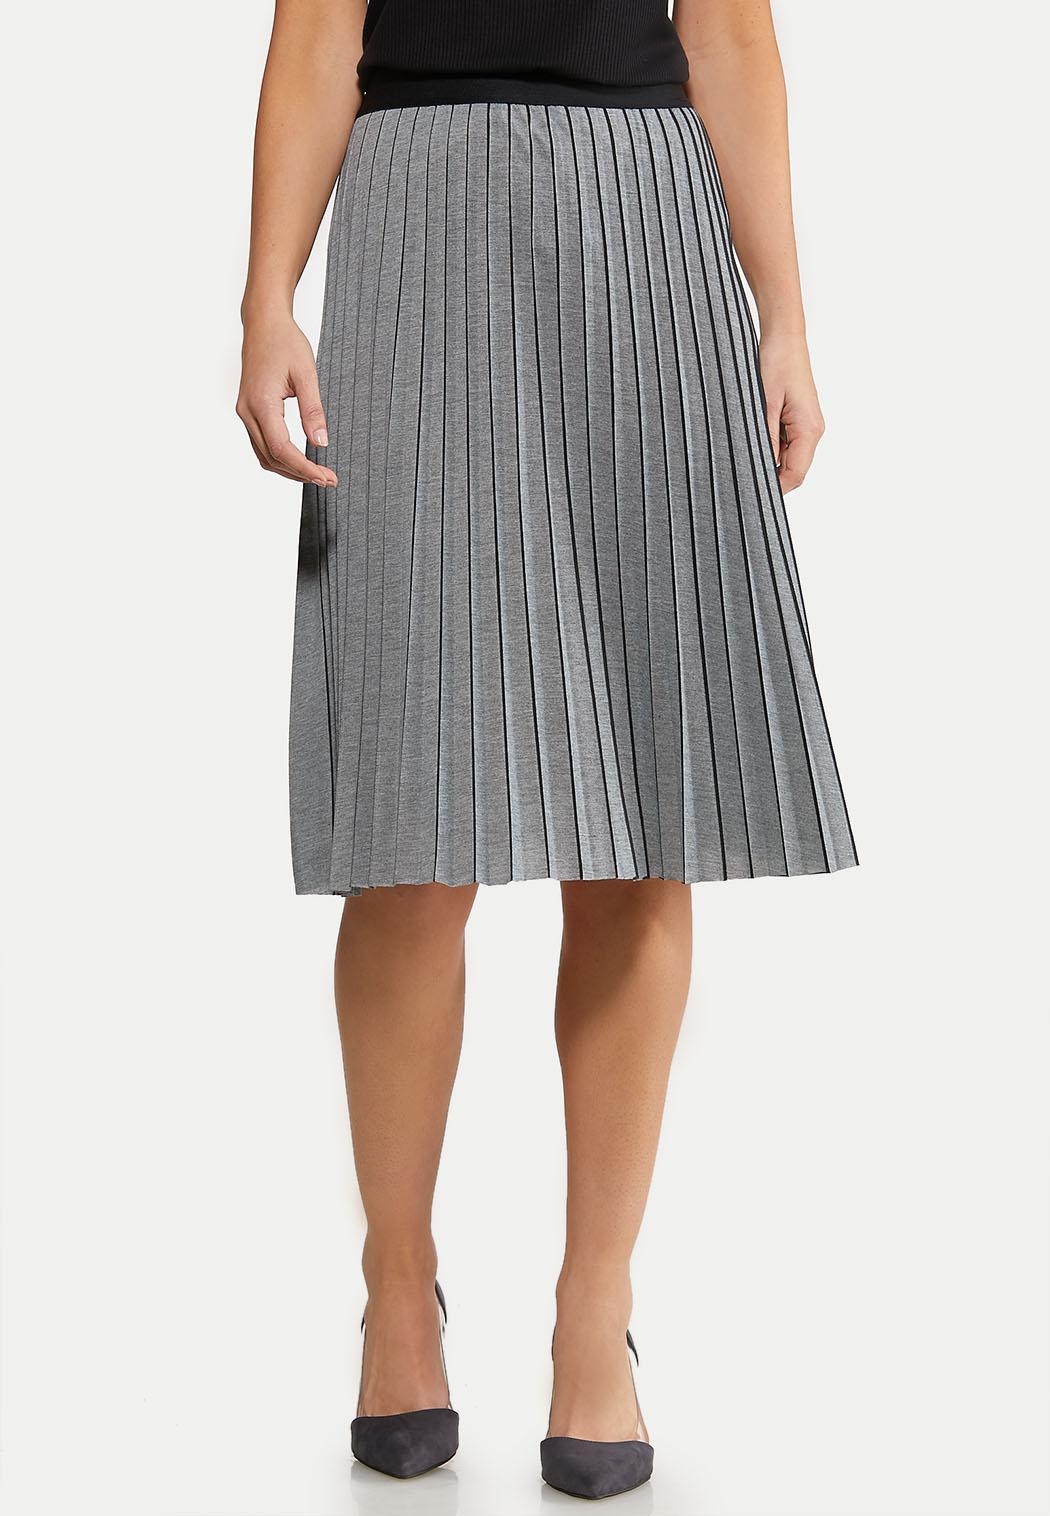 Heather Pleated Skirt